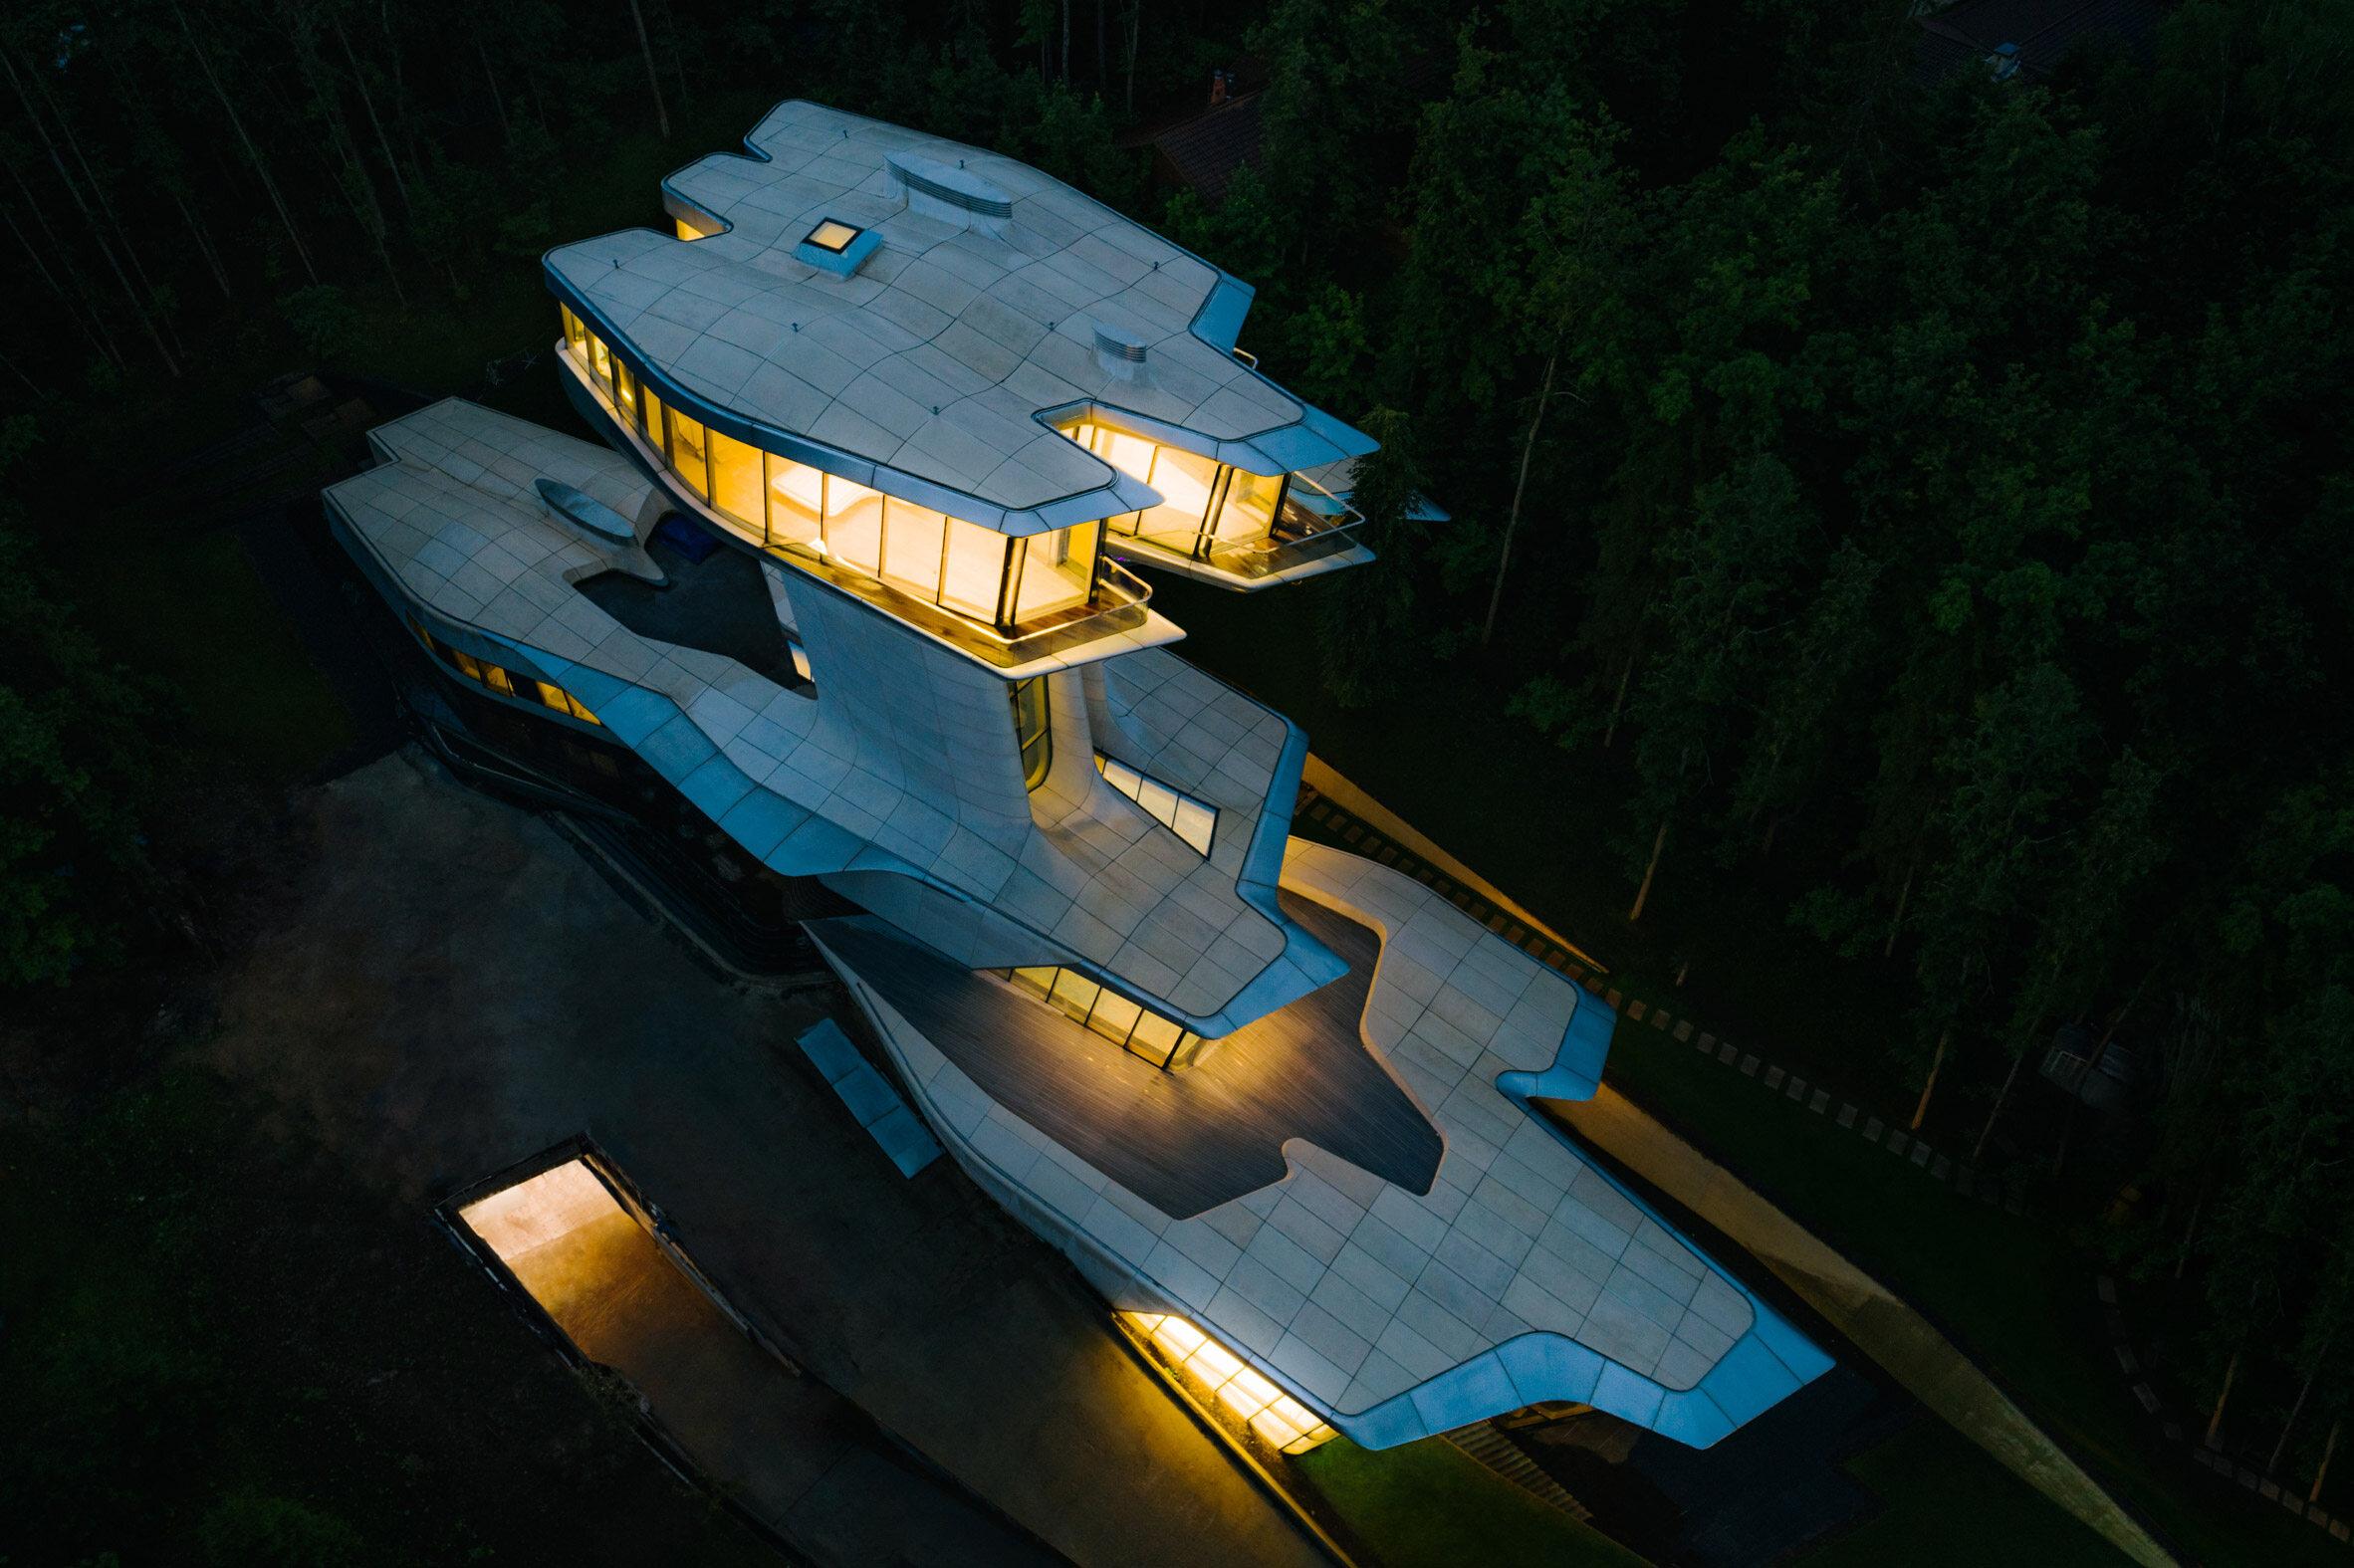 Rezydencja autorstwa Zahy Hadid Jedyny dom zaprojektowany przez Zahę Hadid